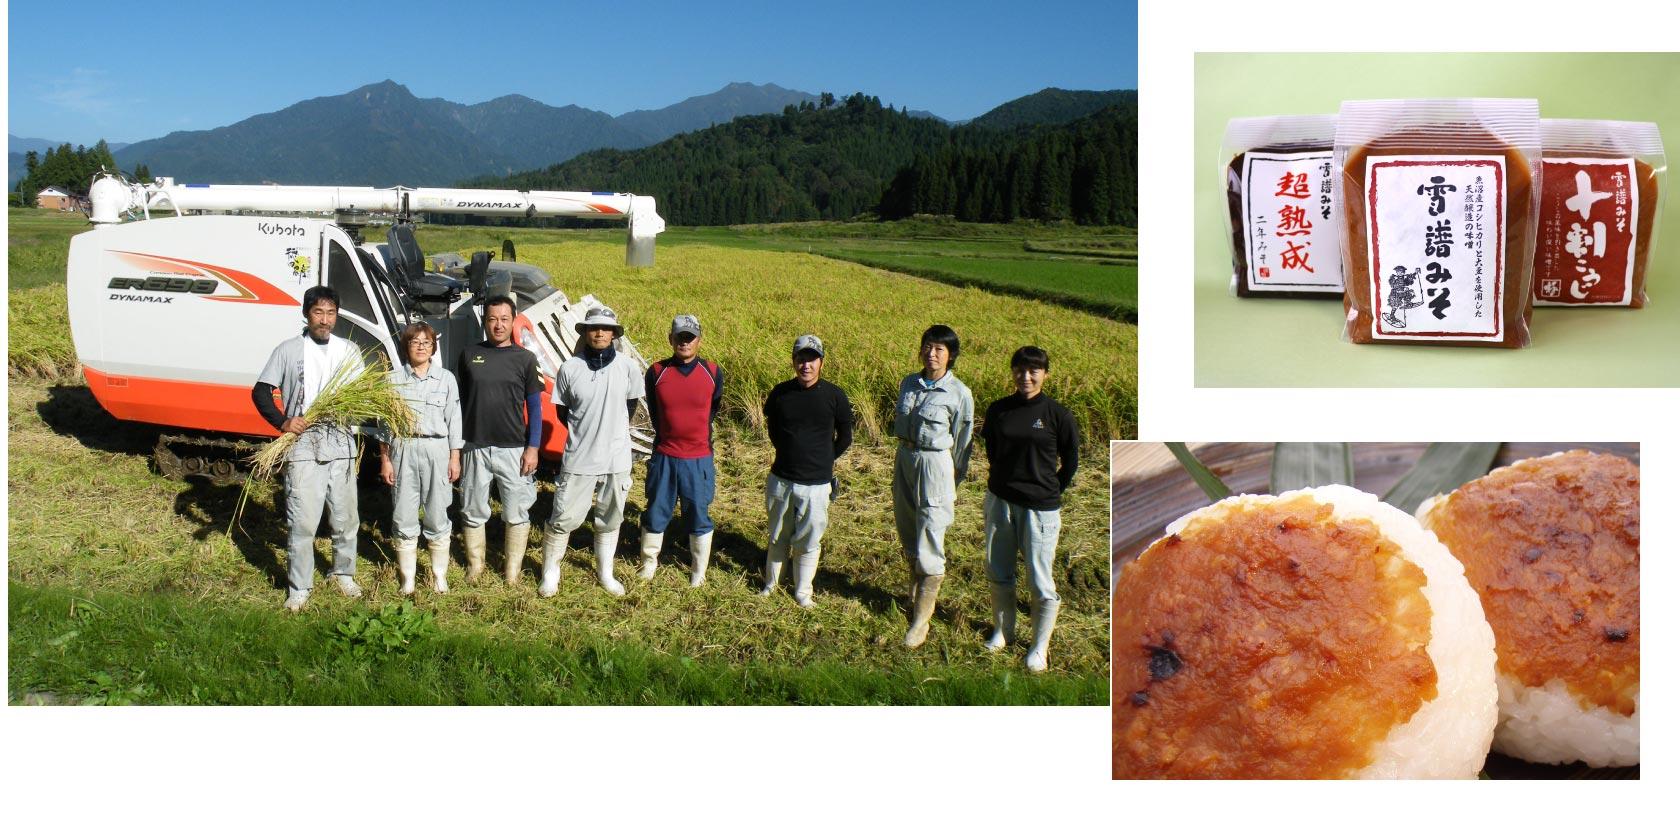 「徳田農産」より「雪譜みそ」&「塩沢産コシヒカリ」旅色限定セットをプレゼント!